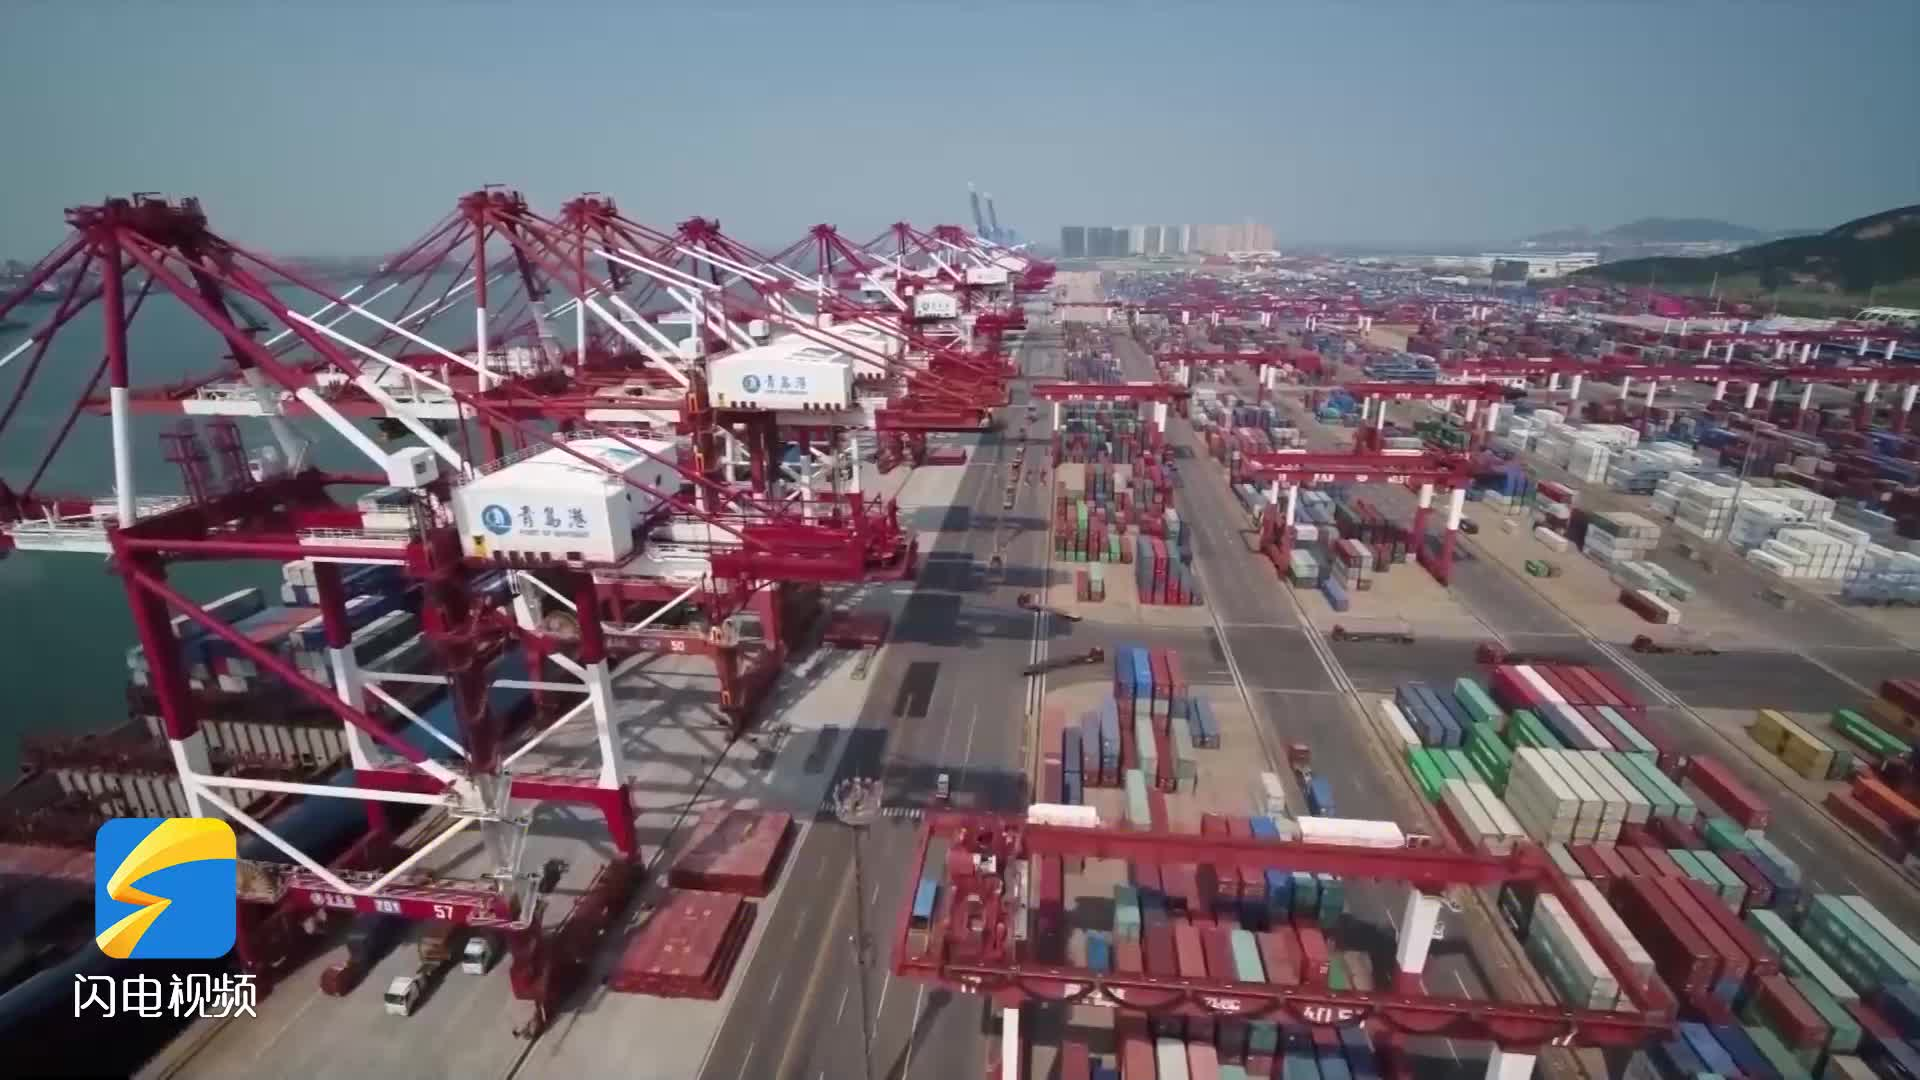 全国重新开闸设立的首家期货公司在青岛揭牌成立